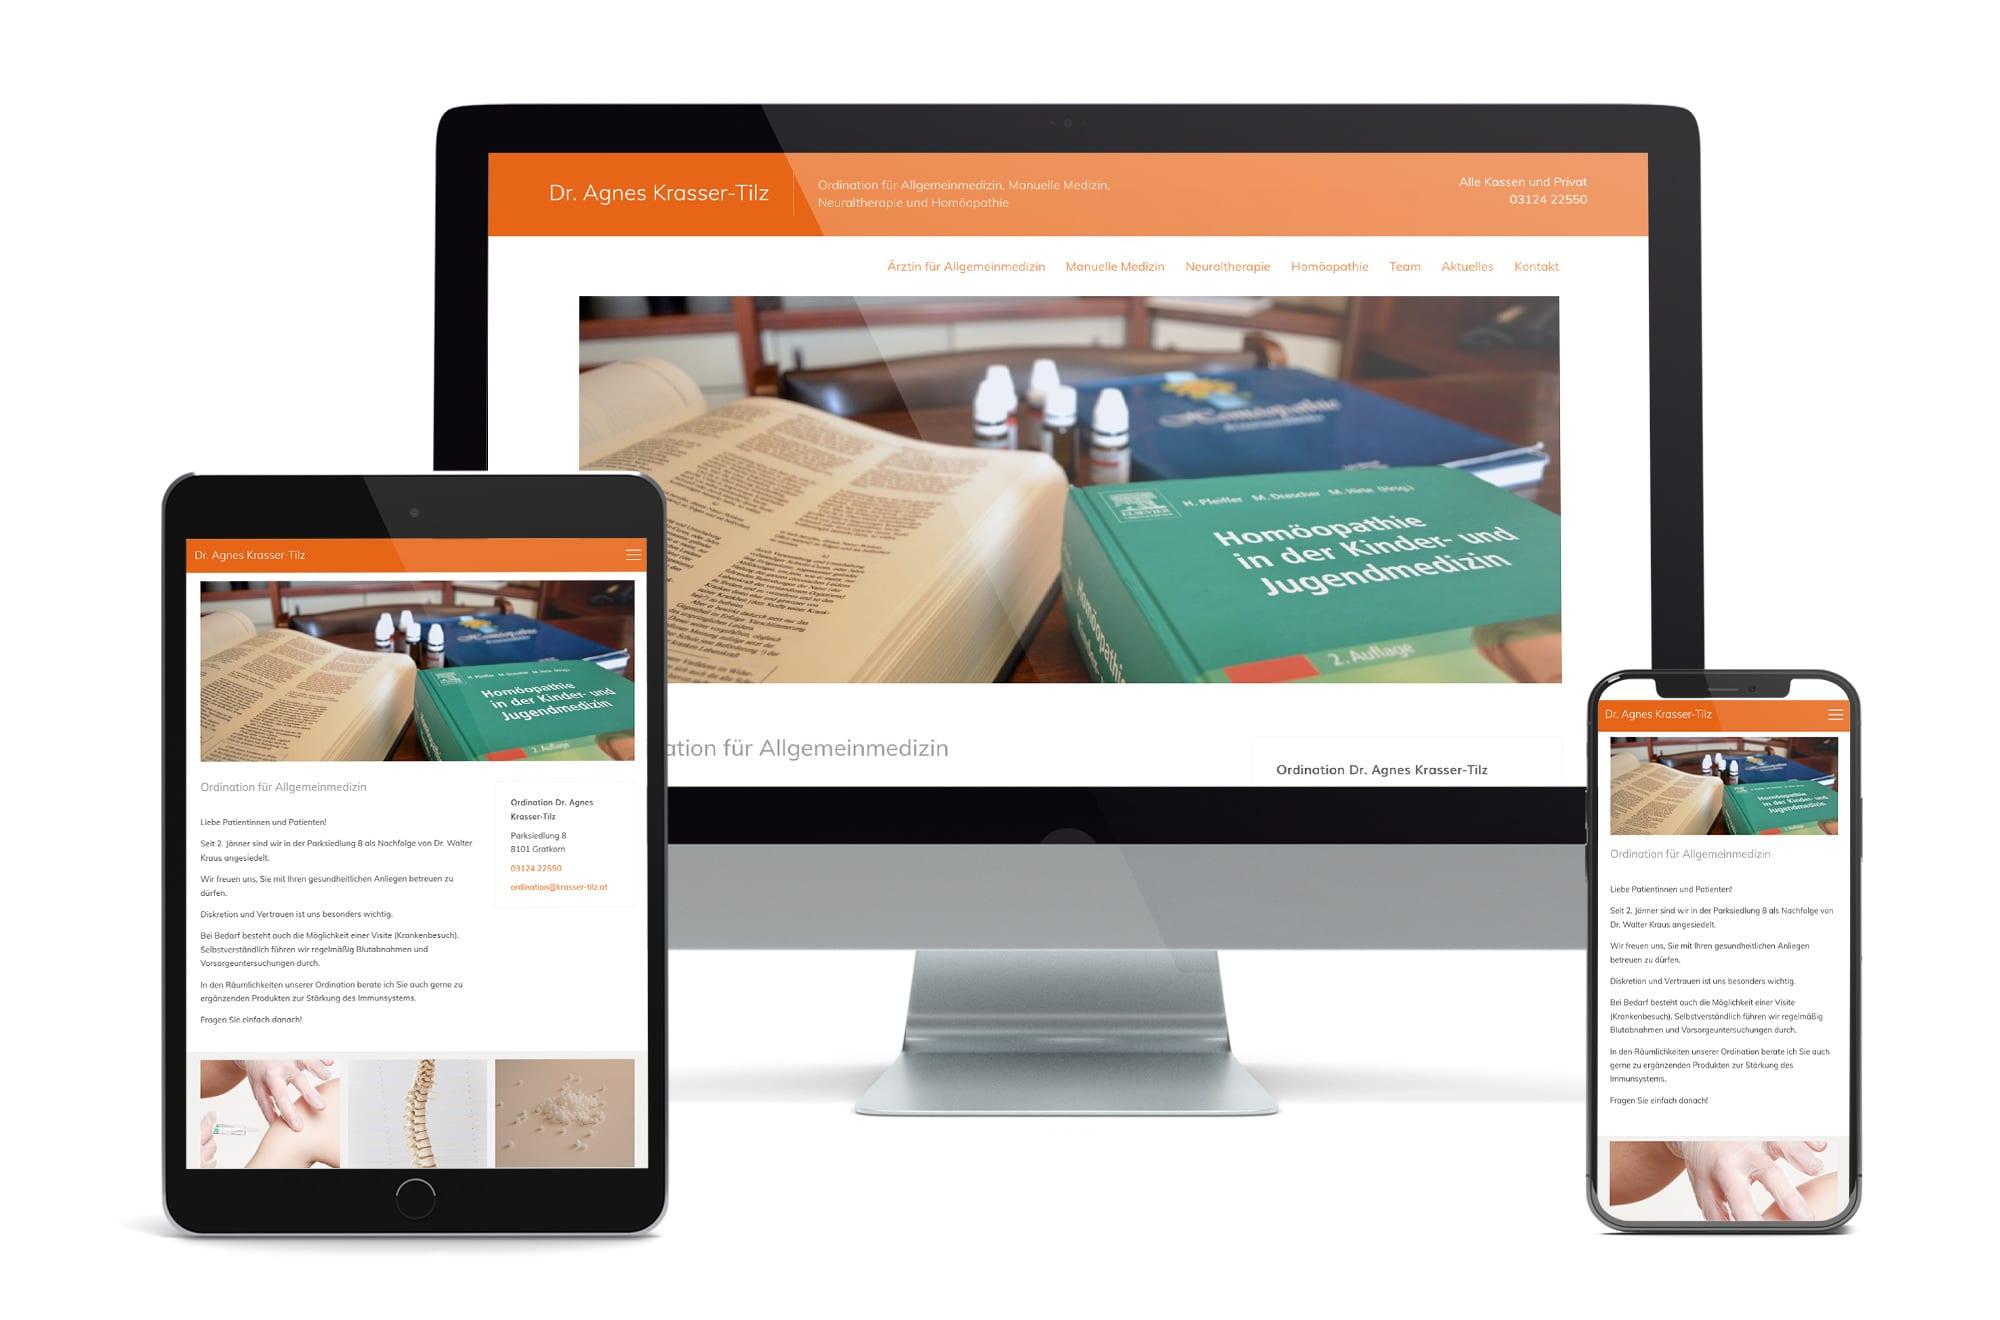 Webdesign Beispiel: Neue Website für Ärztin